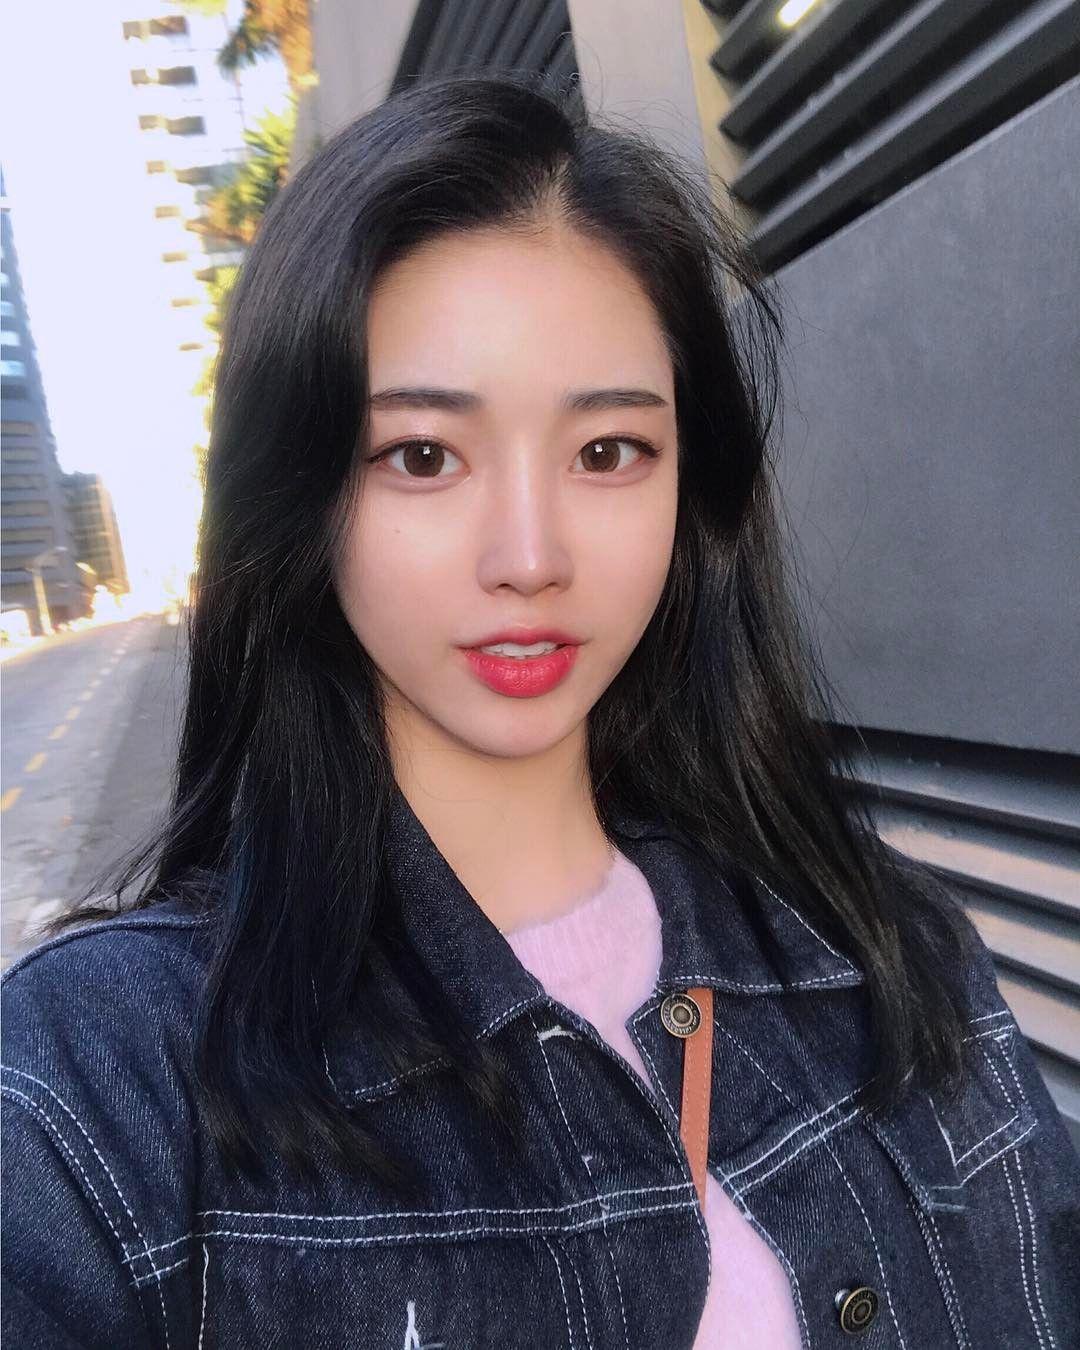 Ulzzang Girl Large Eyes Long Hair: Pin By Barbie Stargirl On UlZzaNg GiRlz In 2019 T